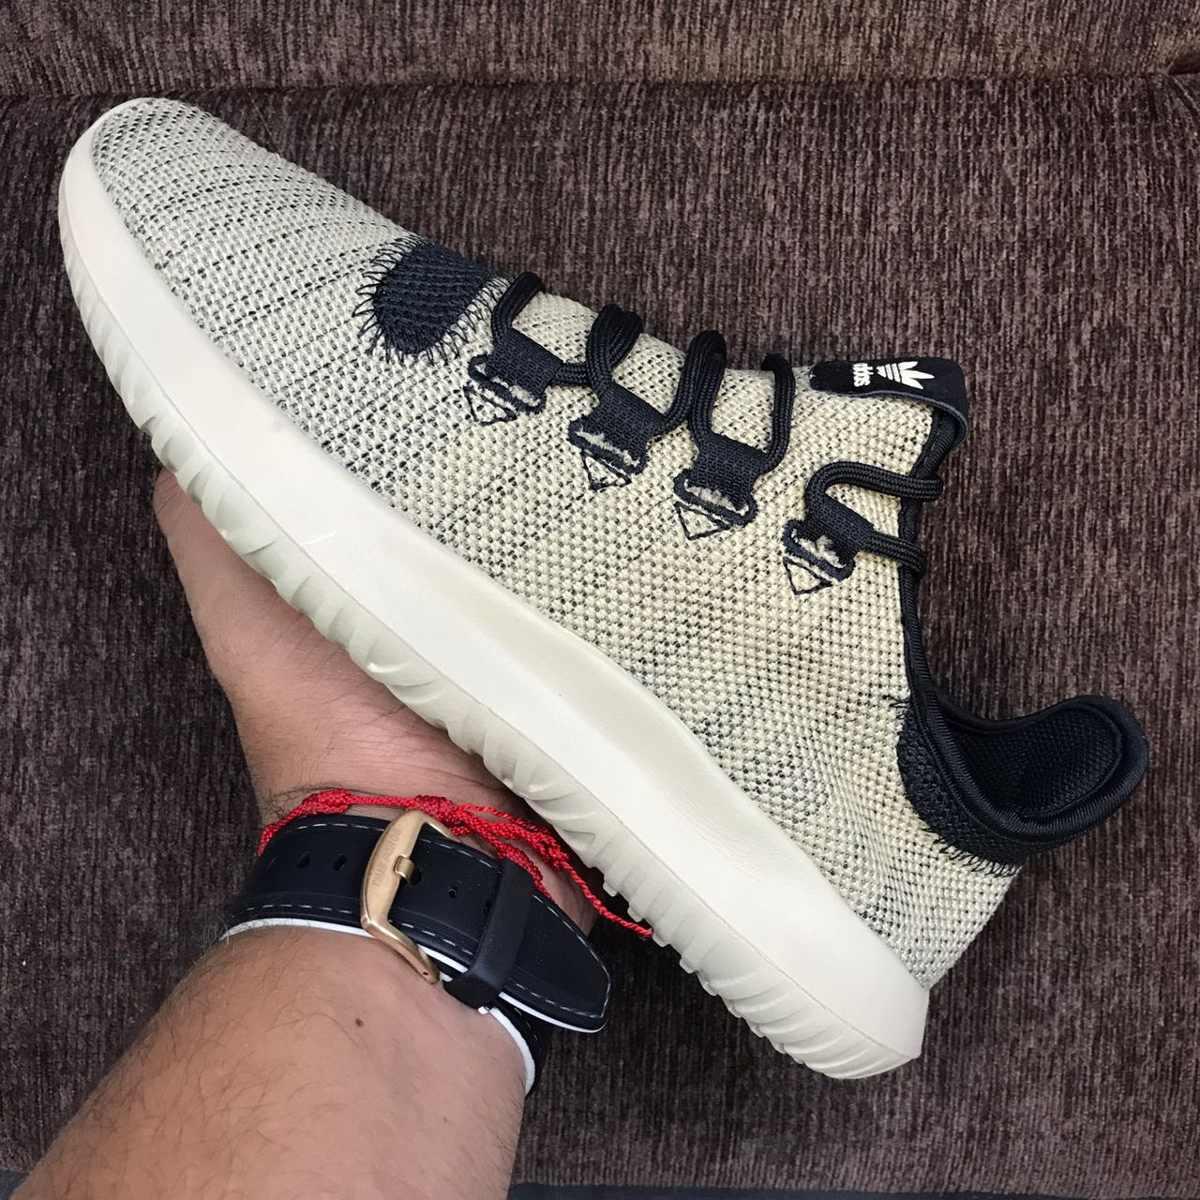 adidas yeezy ultraboost